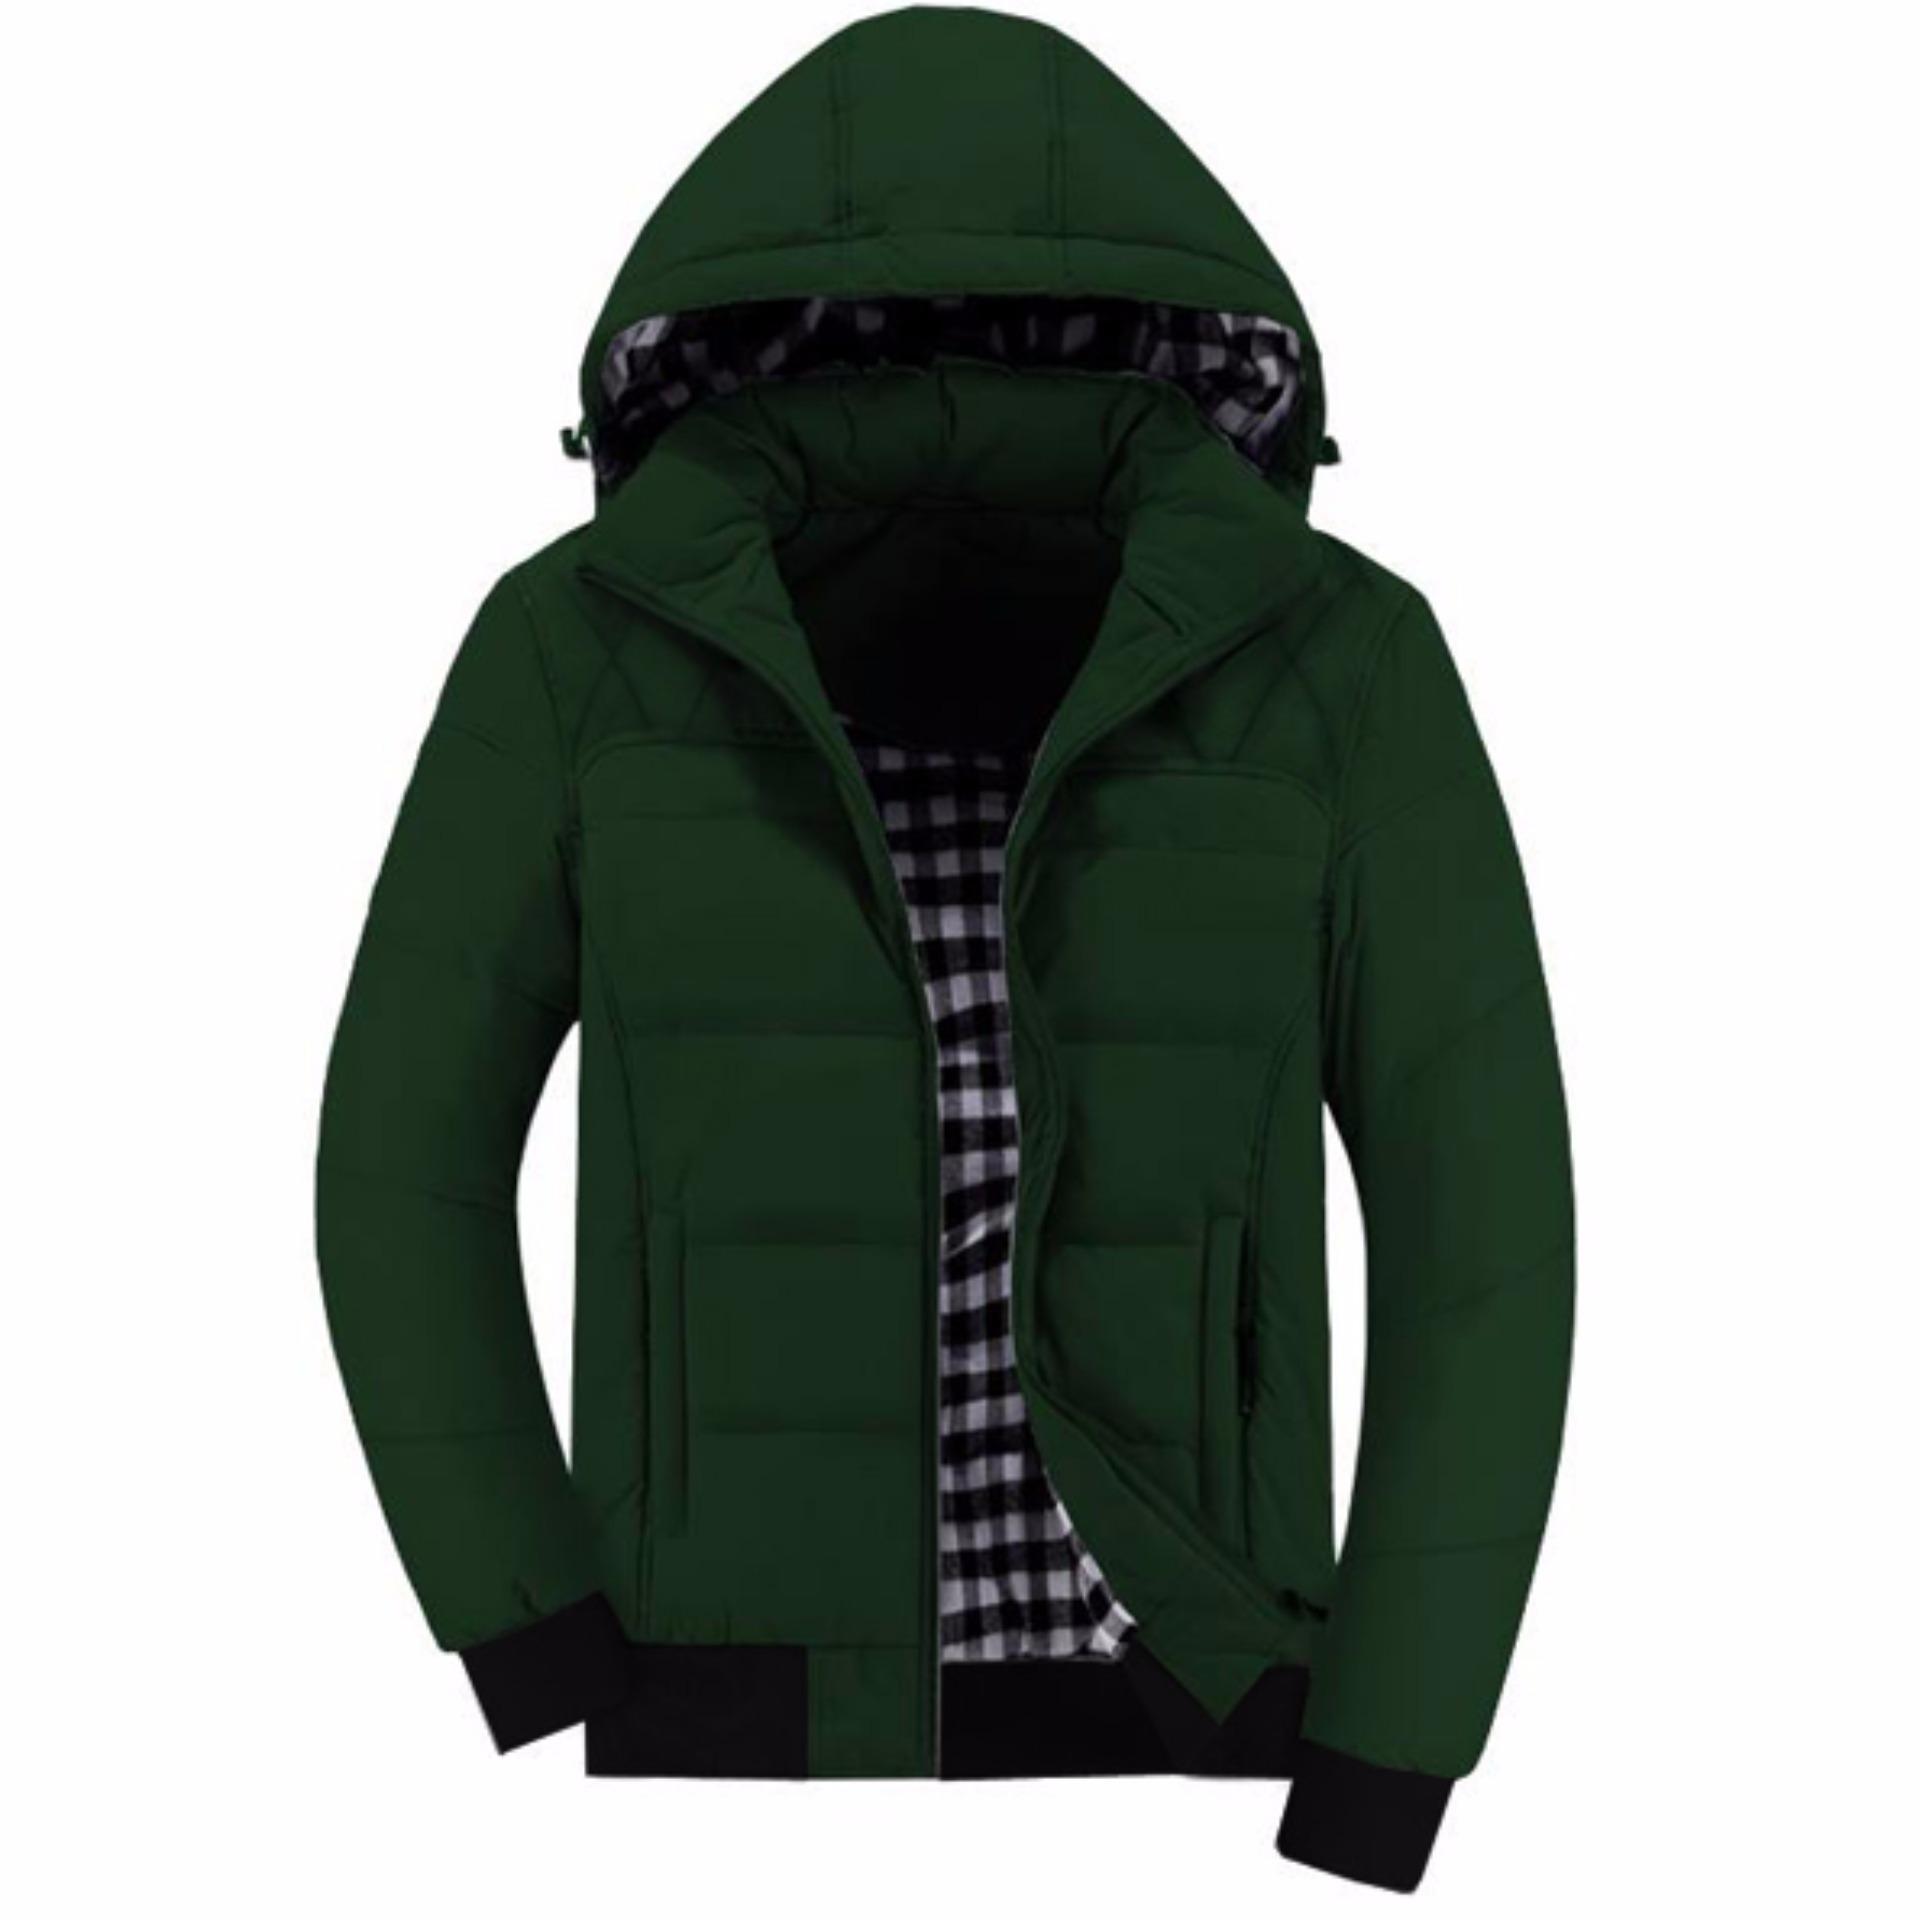 Penjualan Jaket [ Premium ] - Waterproof Conmebol Army Green / Jaket Unisex / Jaket Pria / Jaket Casual / Jaket Tebal terbaik murah - Hanya Rp165.960